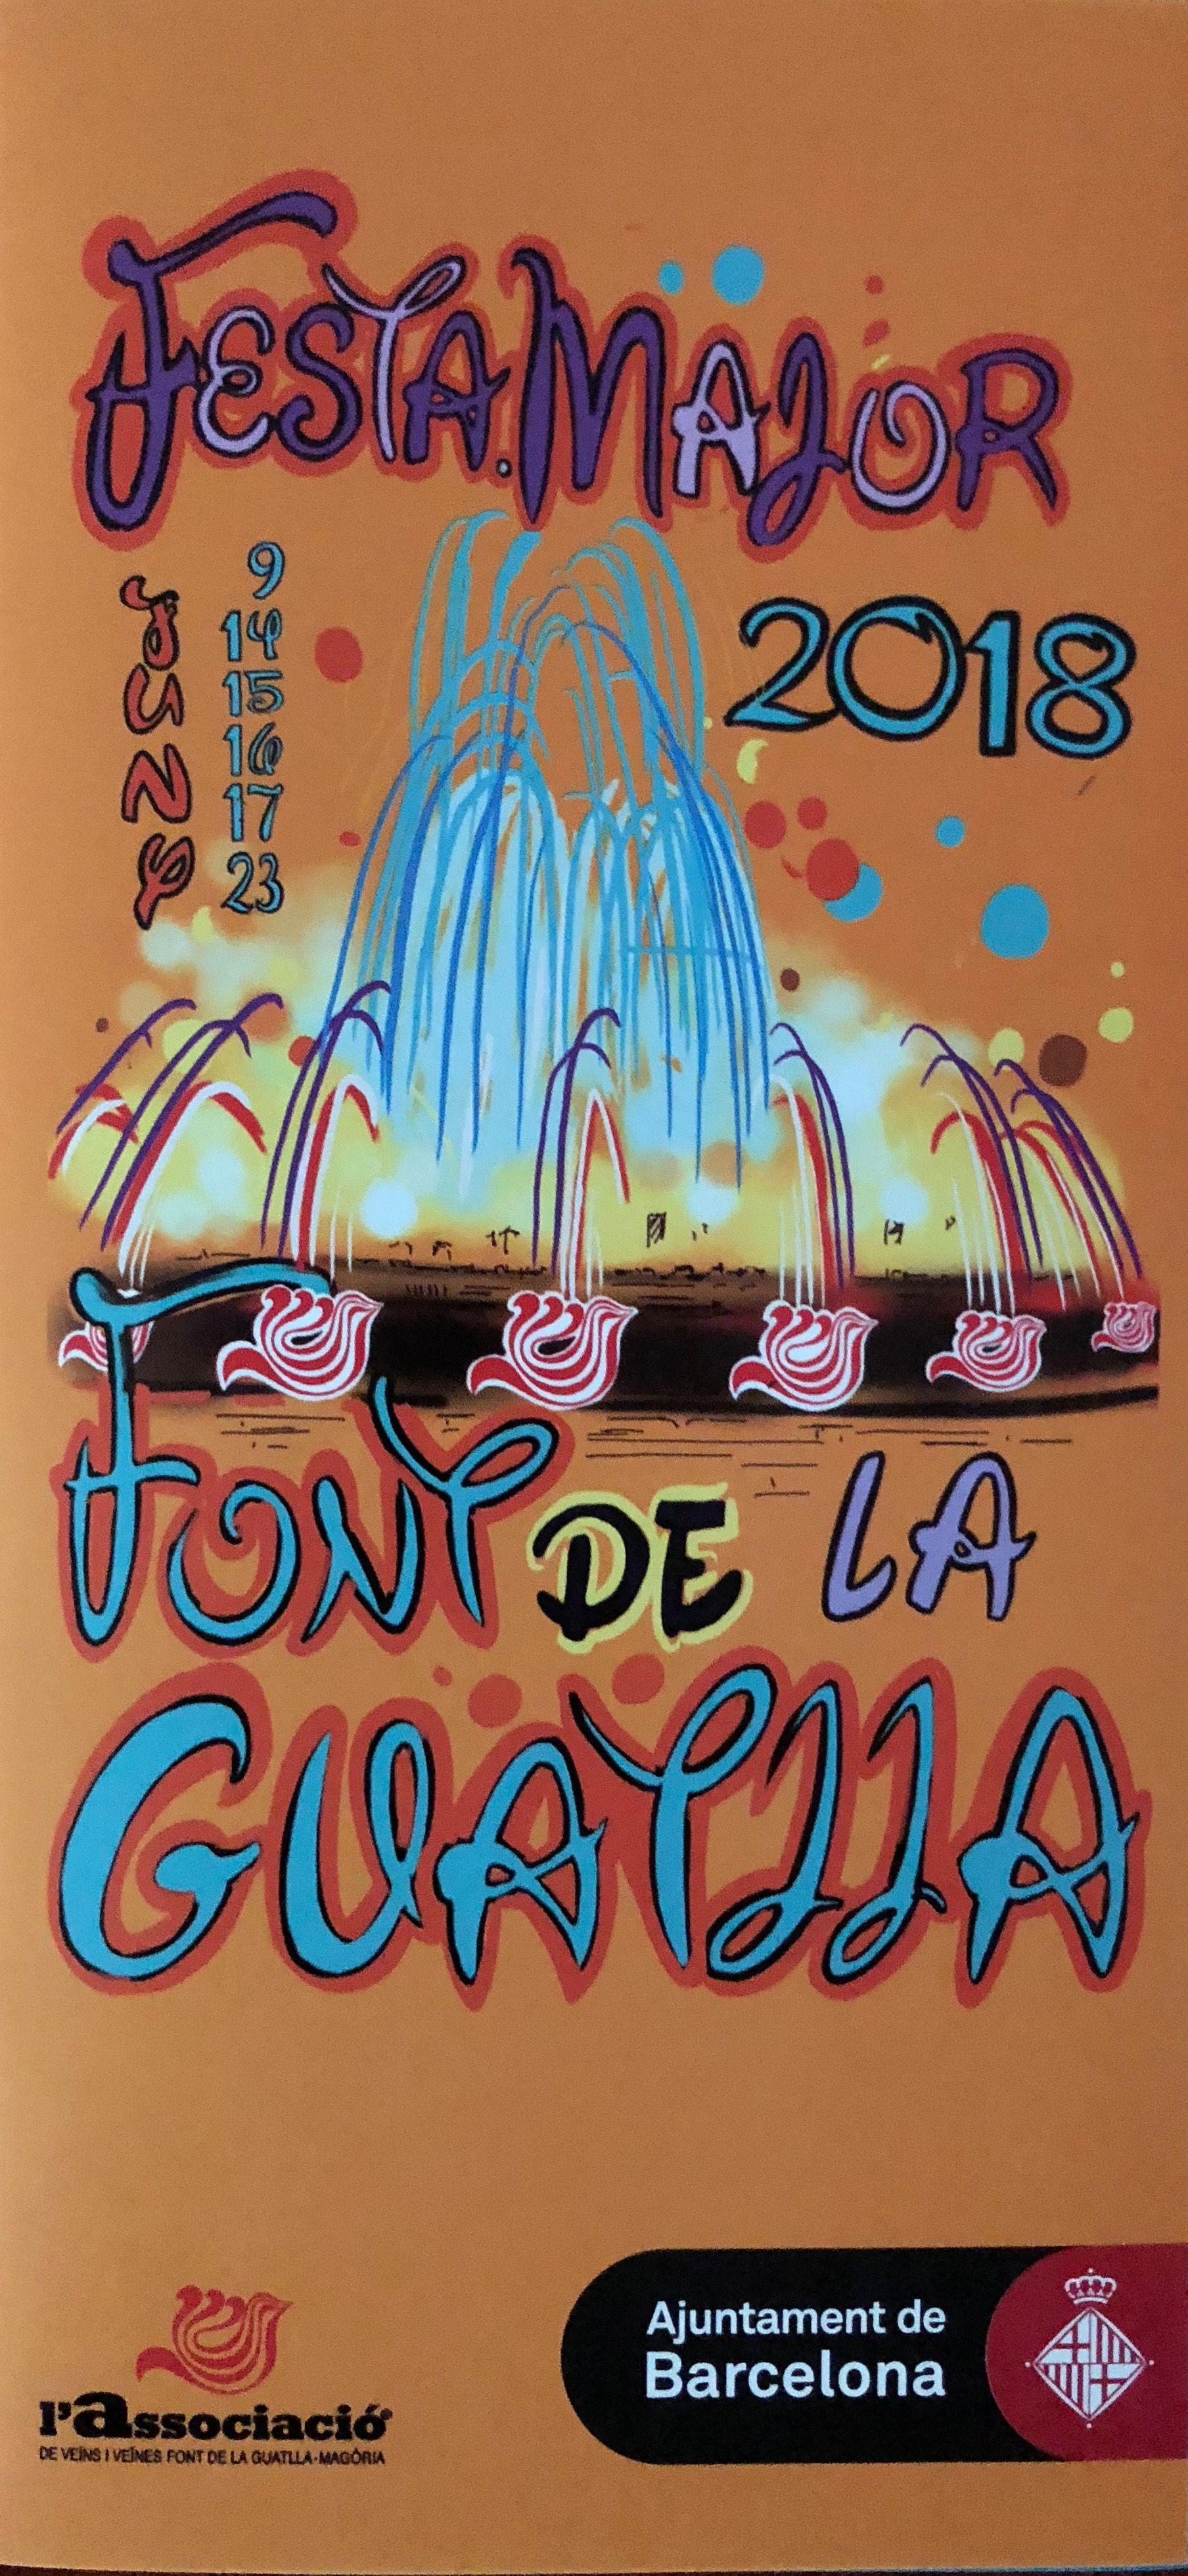 FESTA MAJOR DEL BARRI DE LA FONT DE LA GUATLLA-MAGÒRIA.